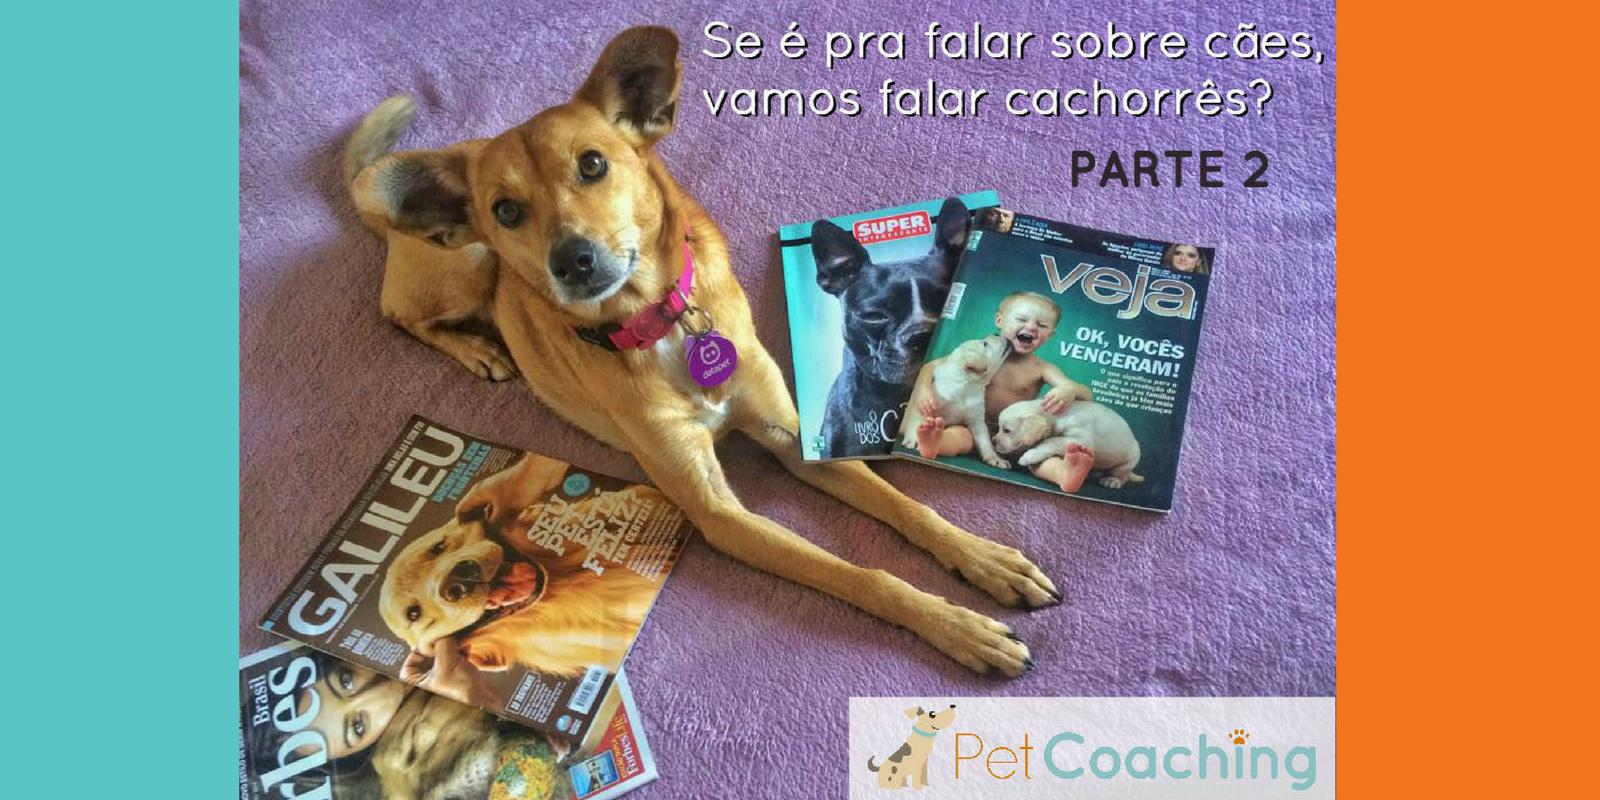 Lambeijos, Carla Ruas - [PARTE 2] Se é pra falar sobre cães, vamos falar cachorrês?